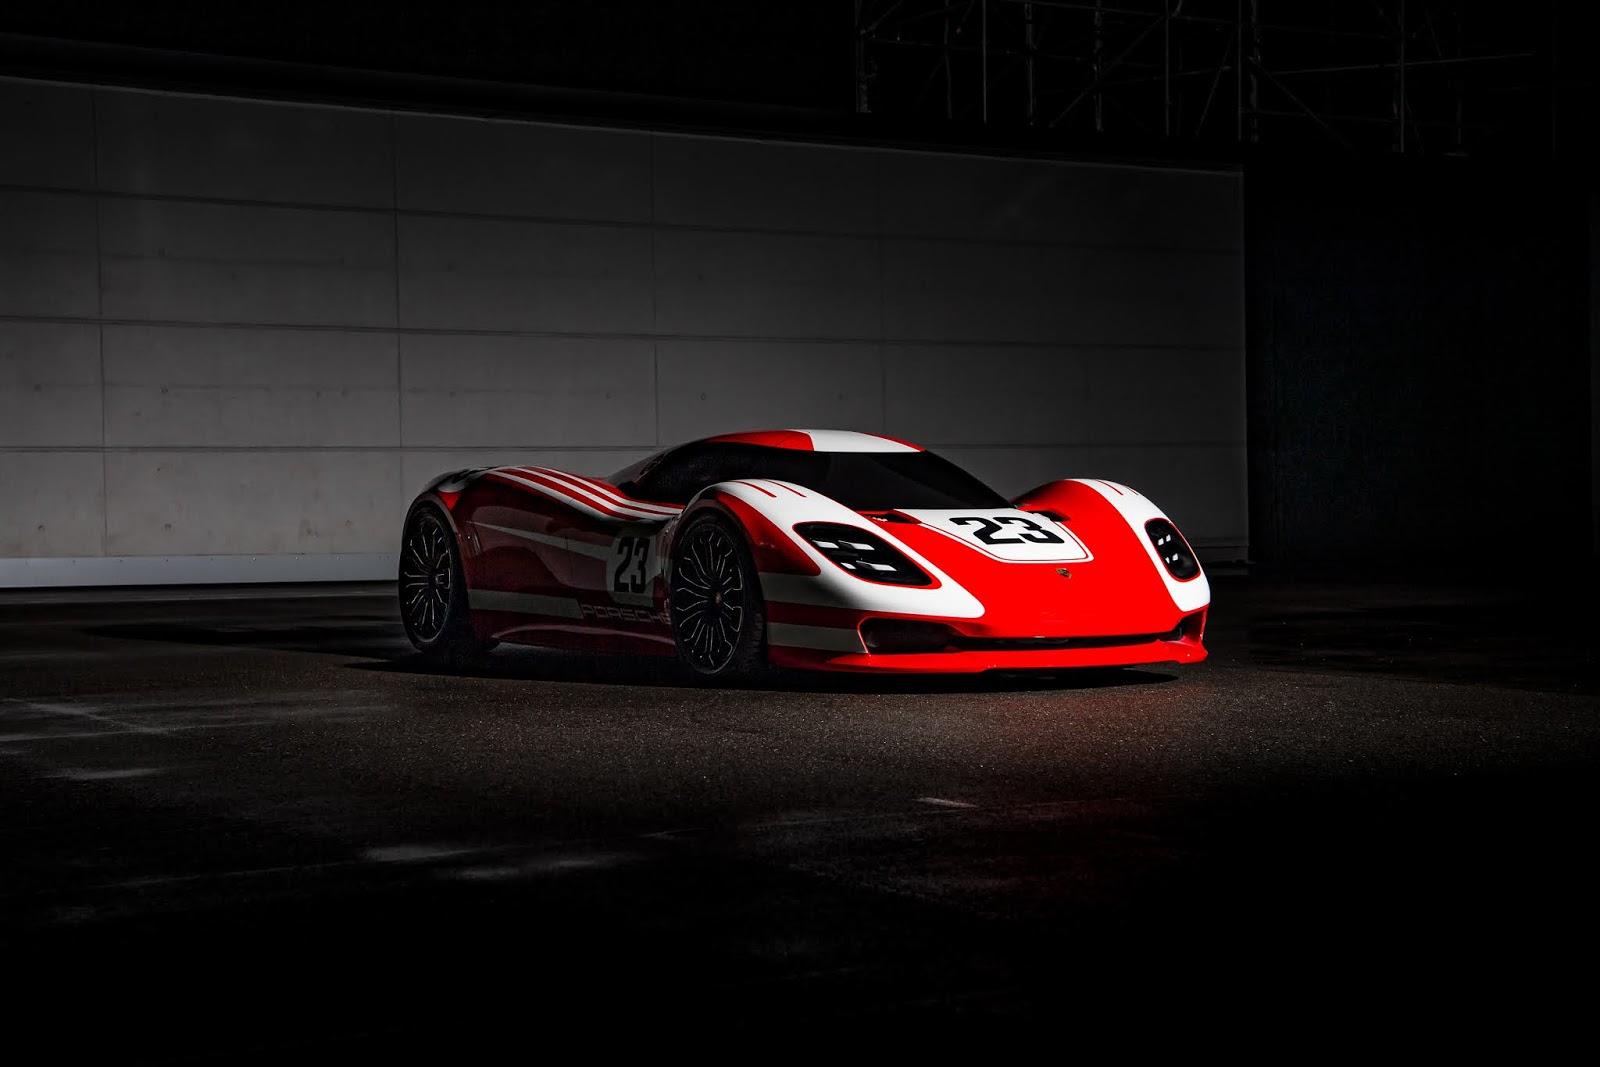 POR2206 2 Τα άγνωστα Hypercars της Porsche hypercar, Porsche, Porsche Unseen, Sunday, supercar, supercars, zblog, ειδήσεις